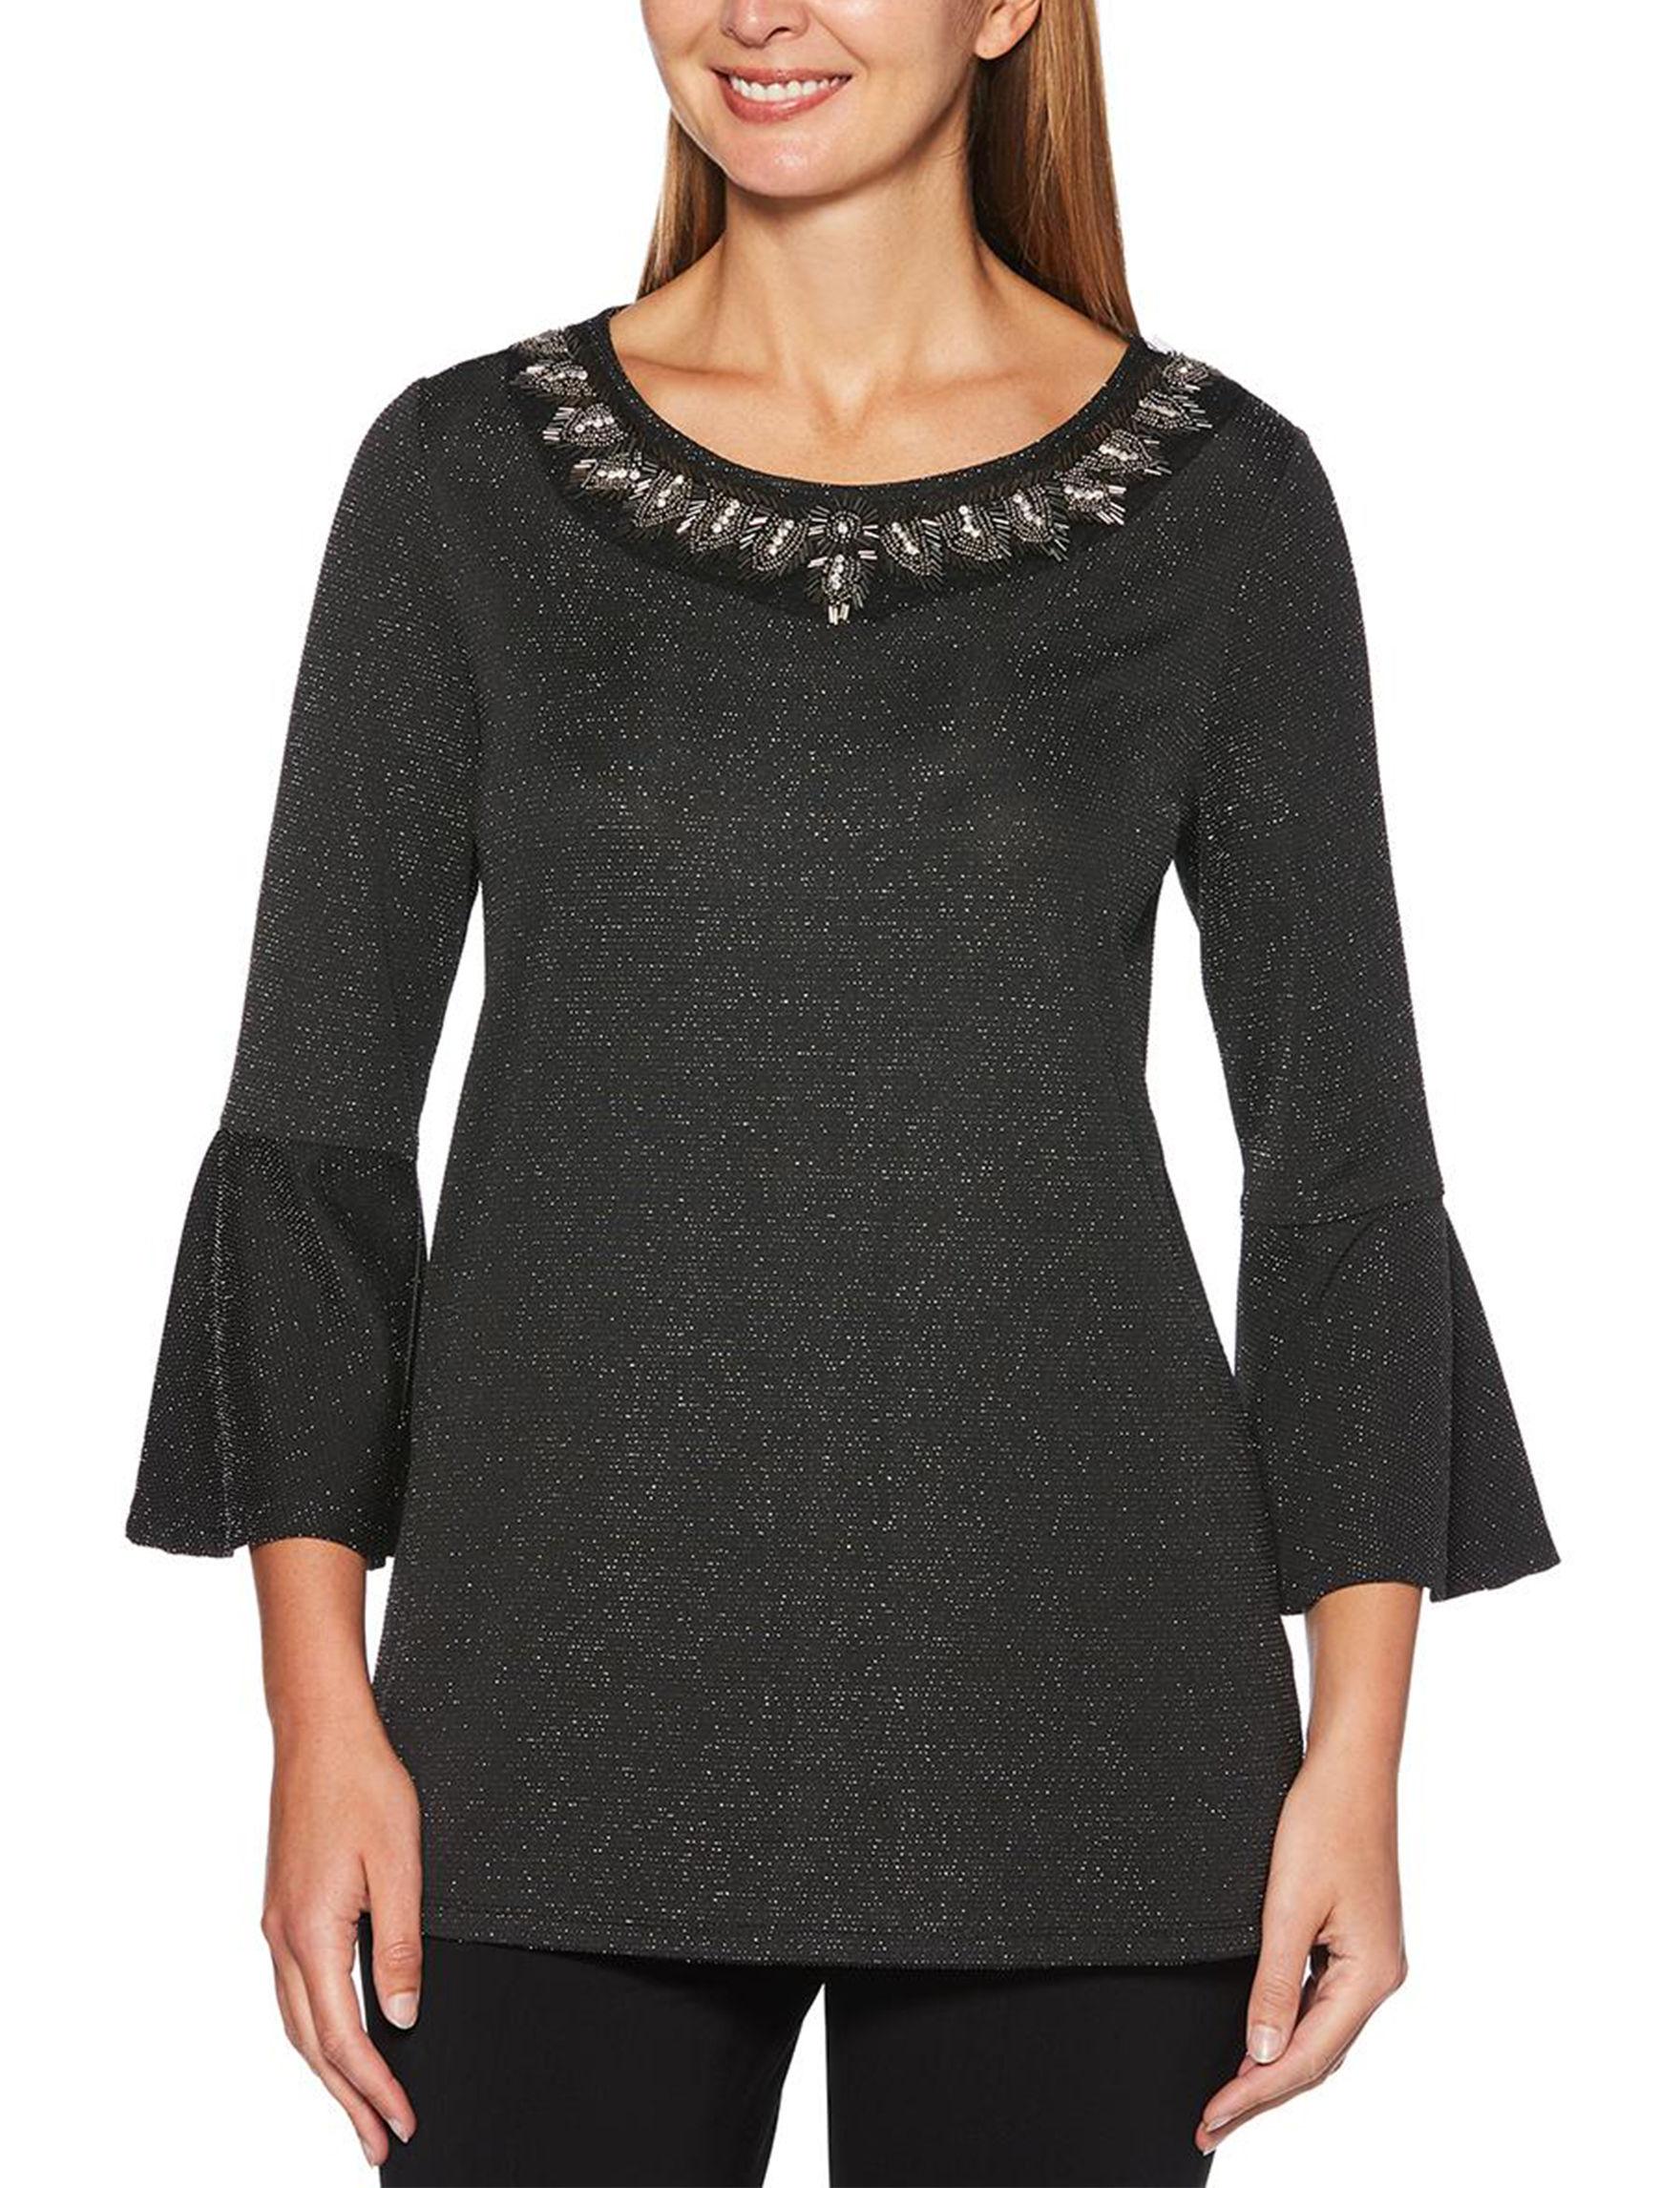 Rafaella Black / Silver Shirts & Blouses